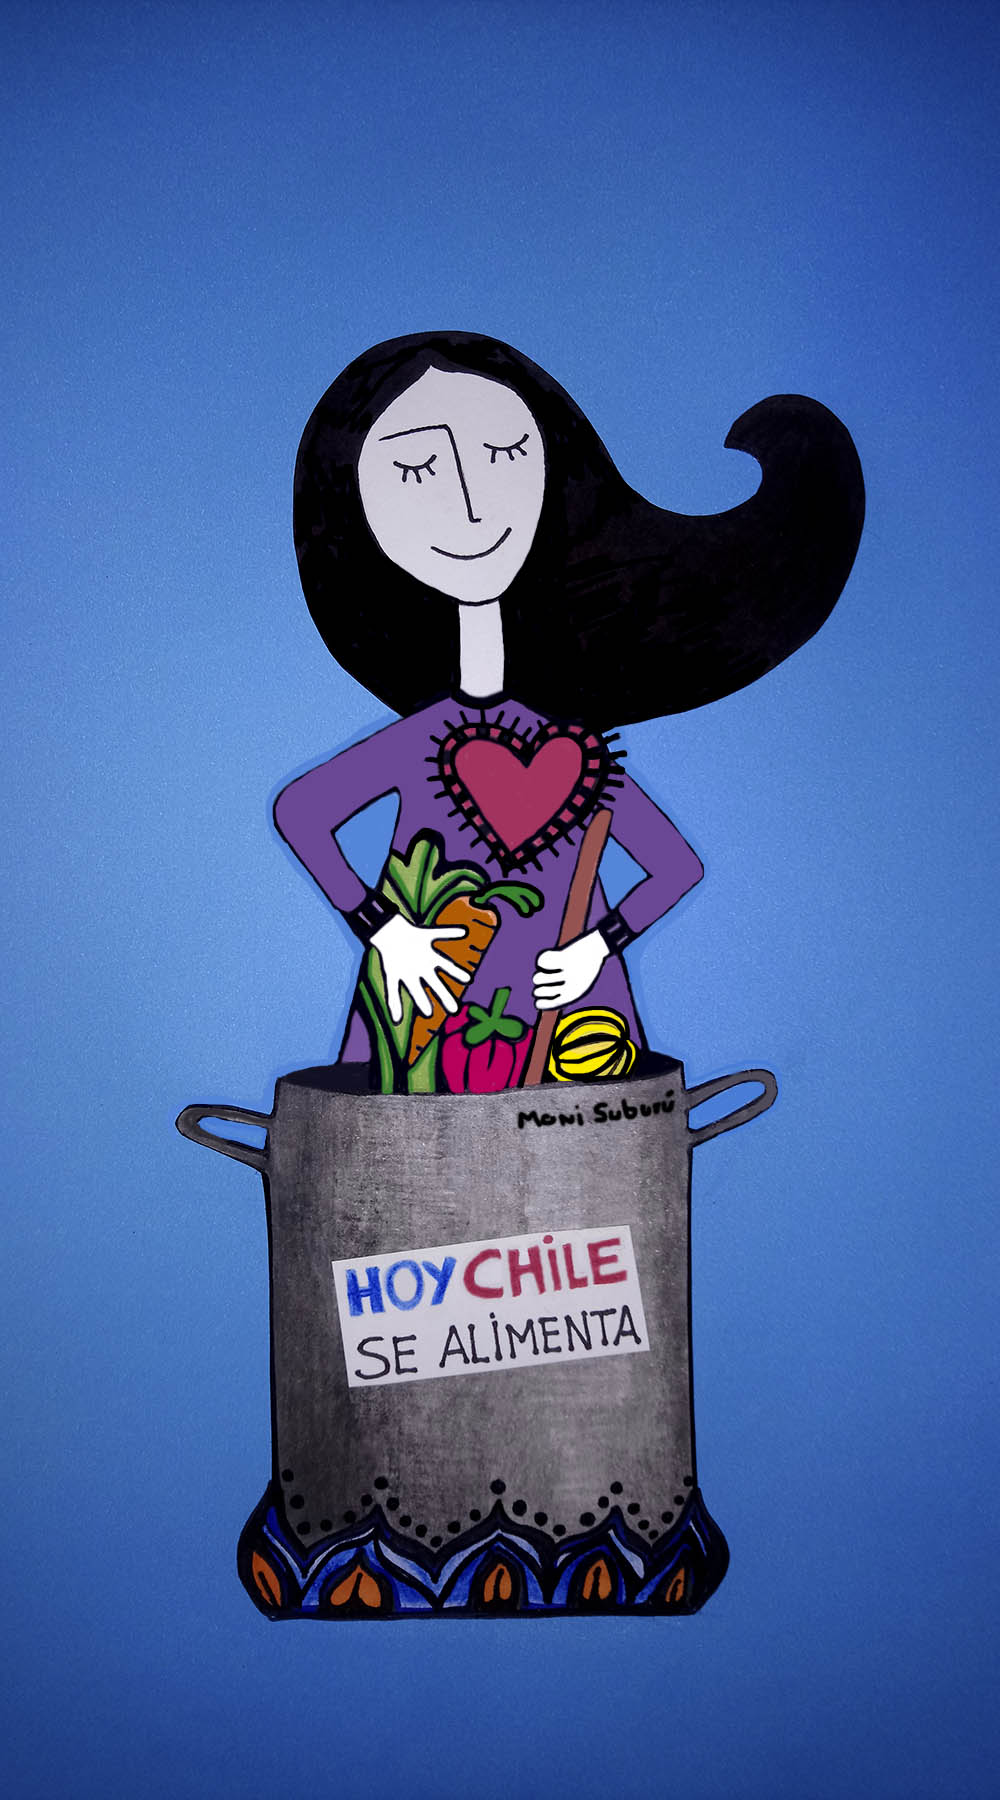 Hoy Chile se alimenta